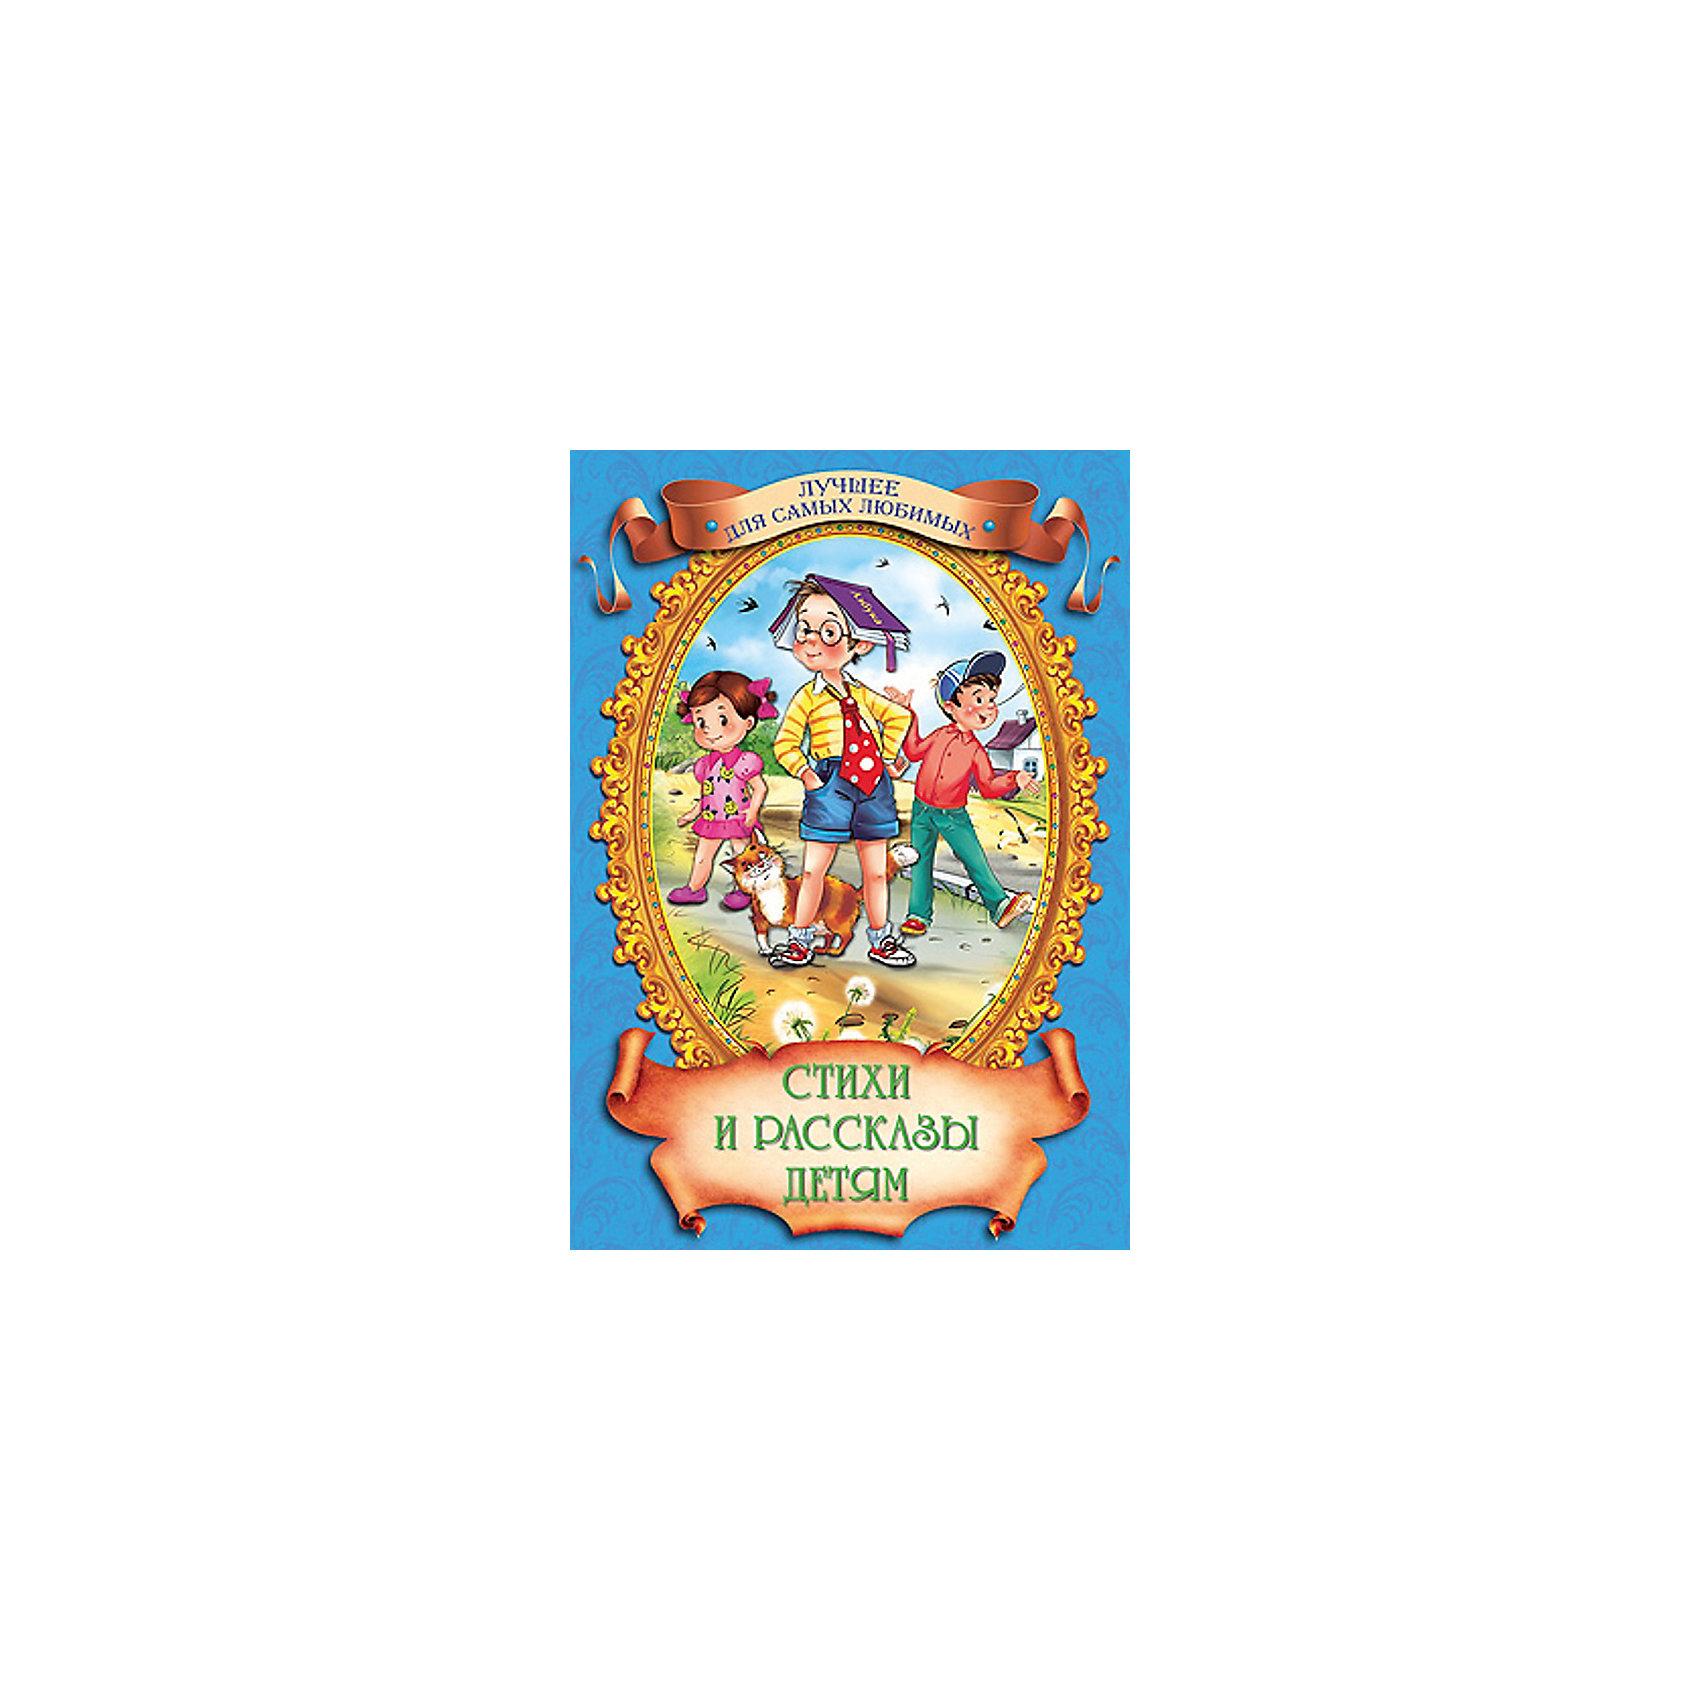 Стихи и рассказы детямСтихи<br>В этой книге собраны стихи и рассказы, проверенные многими поколениями, которые понравятся и современным детям. Книги - это лучший подарок не только взрослым, они помогают детям познавать мир и учиться читать, также книги позволяют ребенку весело проводить время. Они также стимулируют развитие воображения, логики и творческого мышления.<br>Это издание очень красиво оформлено, в него вошли самые интересные произведения. Яркие картинки обязательно понравятся малышам! Книга сделана из качественных и безопасных для детей материалов.<br>  <br>Дополнительная информация:<br><br>размер: 170x246 мм;<br>вес: 281 г.<br><br>Книгу Стихи и рассказы детям от издательства Проф-Пресс можно купить в нашем магазине.<br><br>Ширина мм: 170<br>Глубина мм: 13<br>Высота мм: 246<br>Вес г: 281<br>Возраст от месяцев: 0<br>Возраст до месяцев: 60<br>Пол: Унисекс<br>Возраст: Детский<br>SKU: 4787315